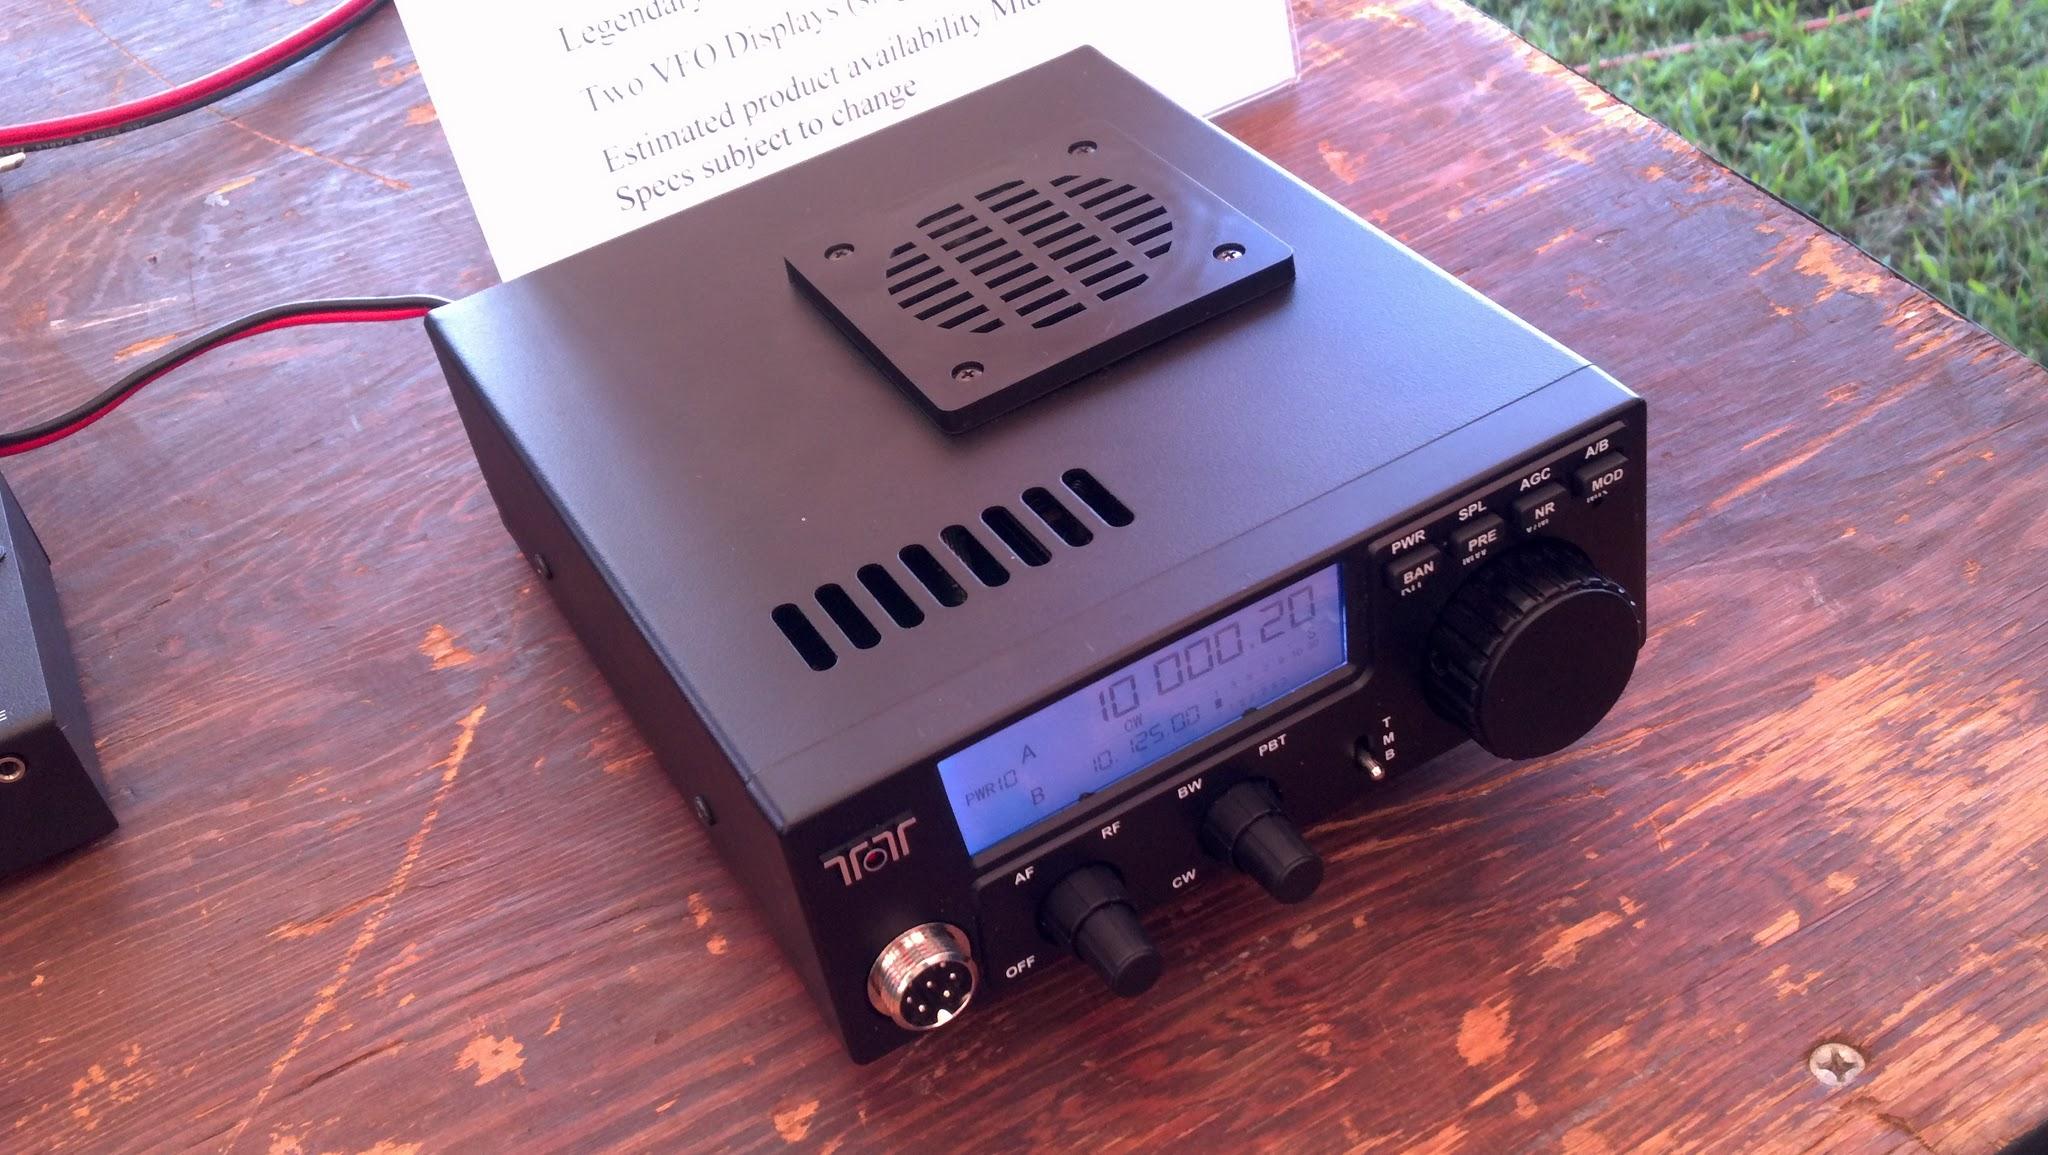 Ten-Tec Model 539 – Ten-Tec's new QRP transceiver | Q R P e r